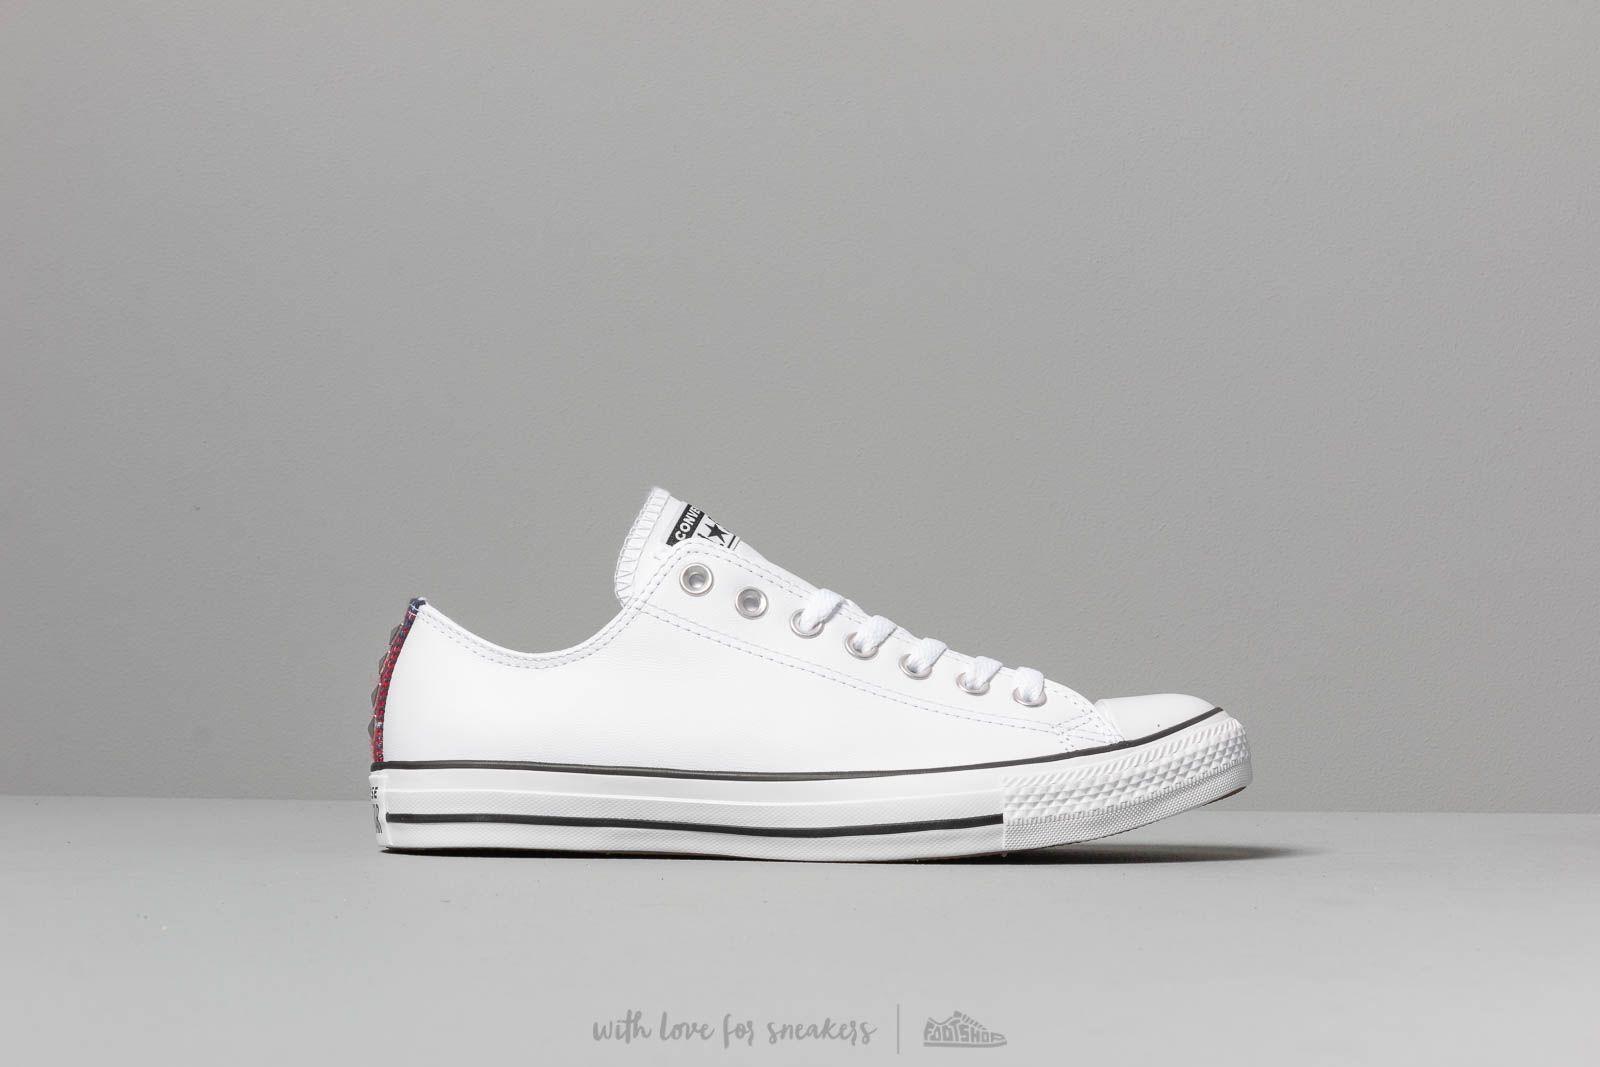 5ad85716c7e9 Converse Chuck Taylor All Star Optical White nagyszerű árakon 27 584 Ft  vásárolj a Footshopban